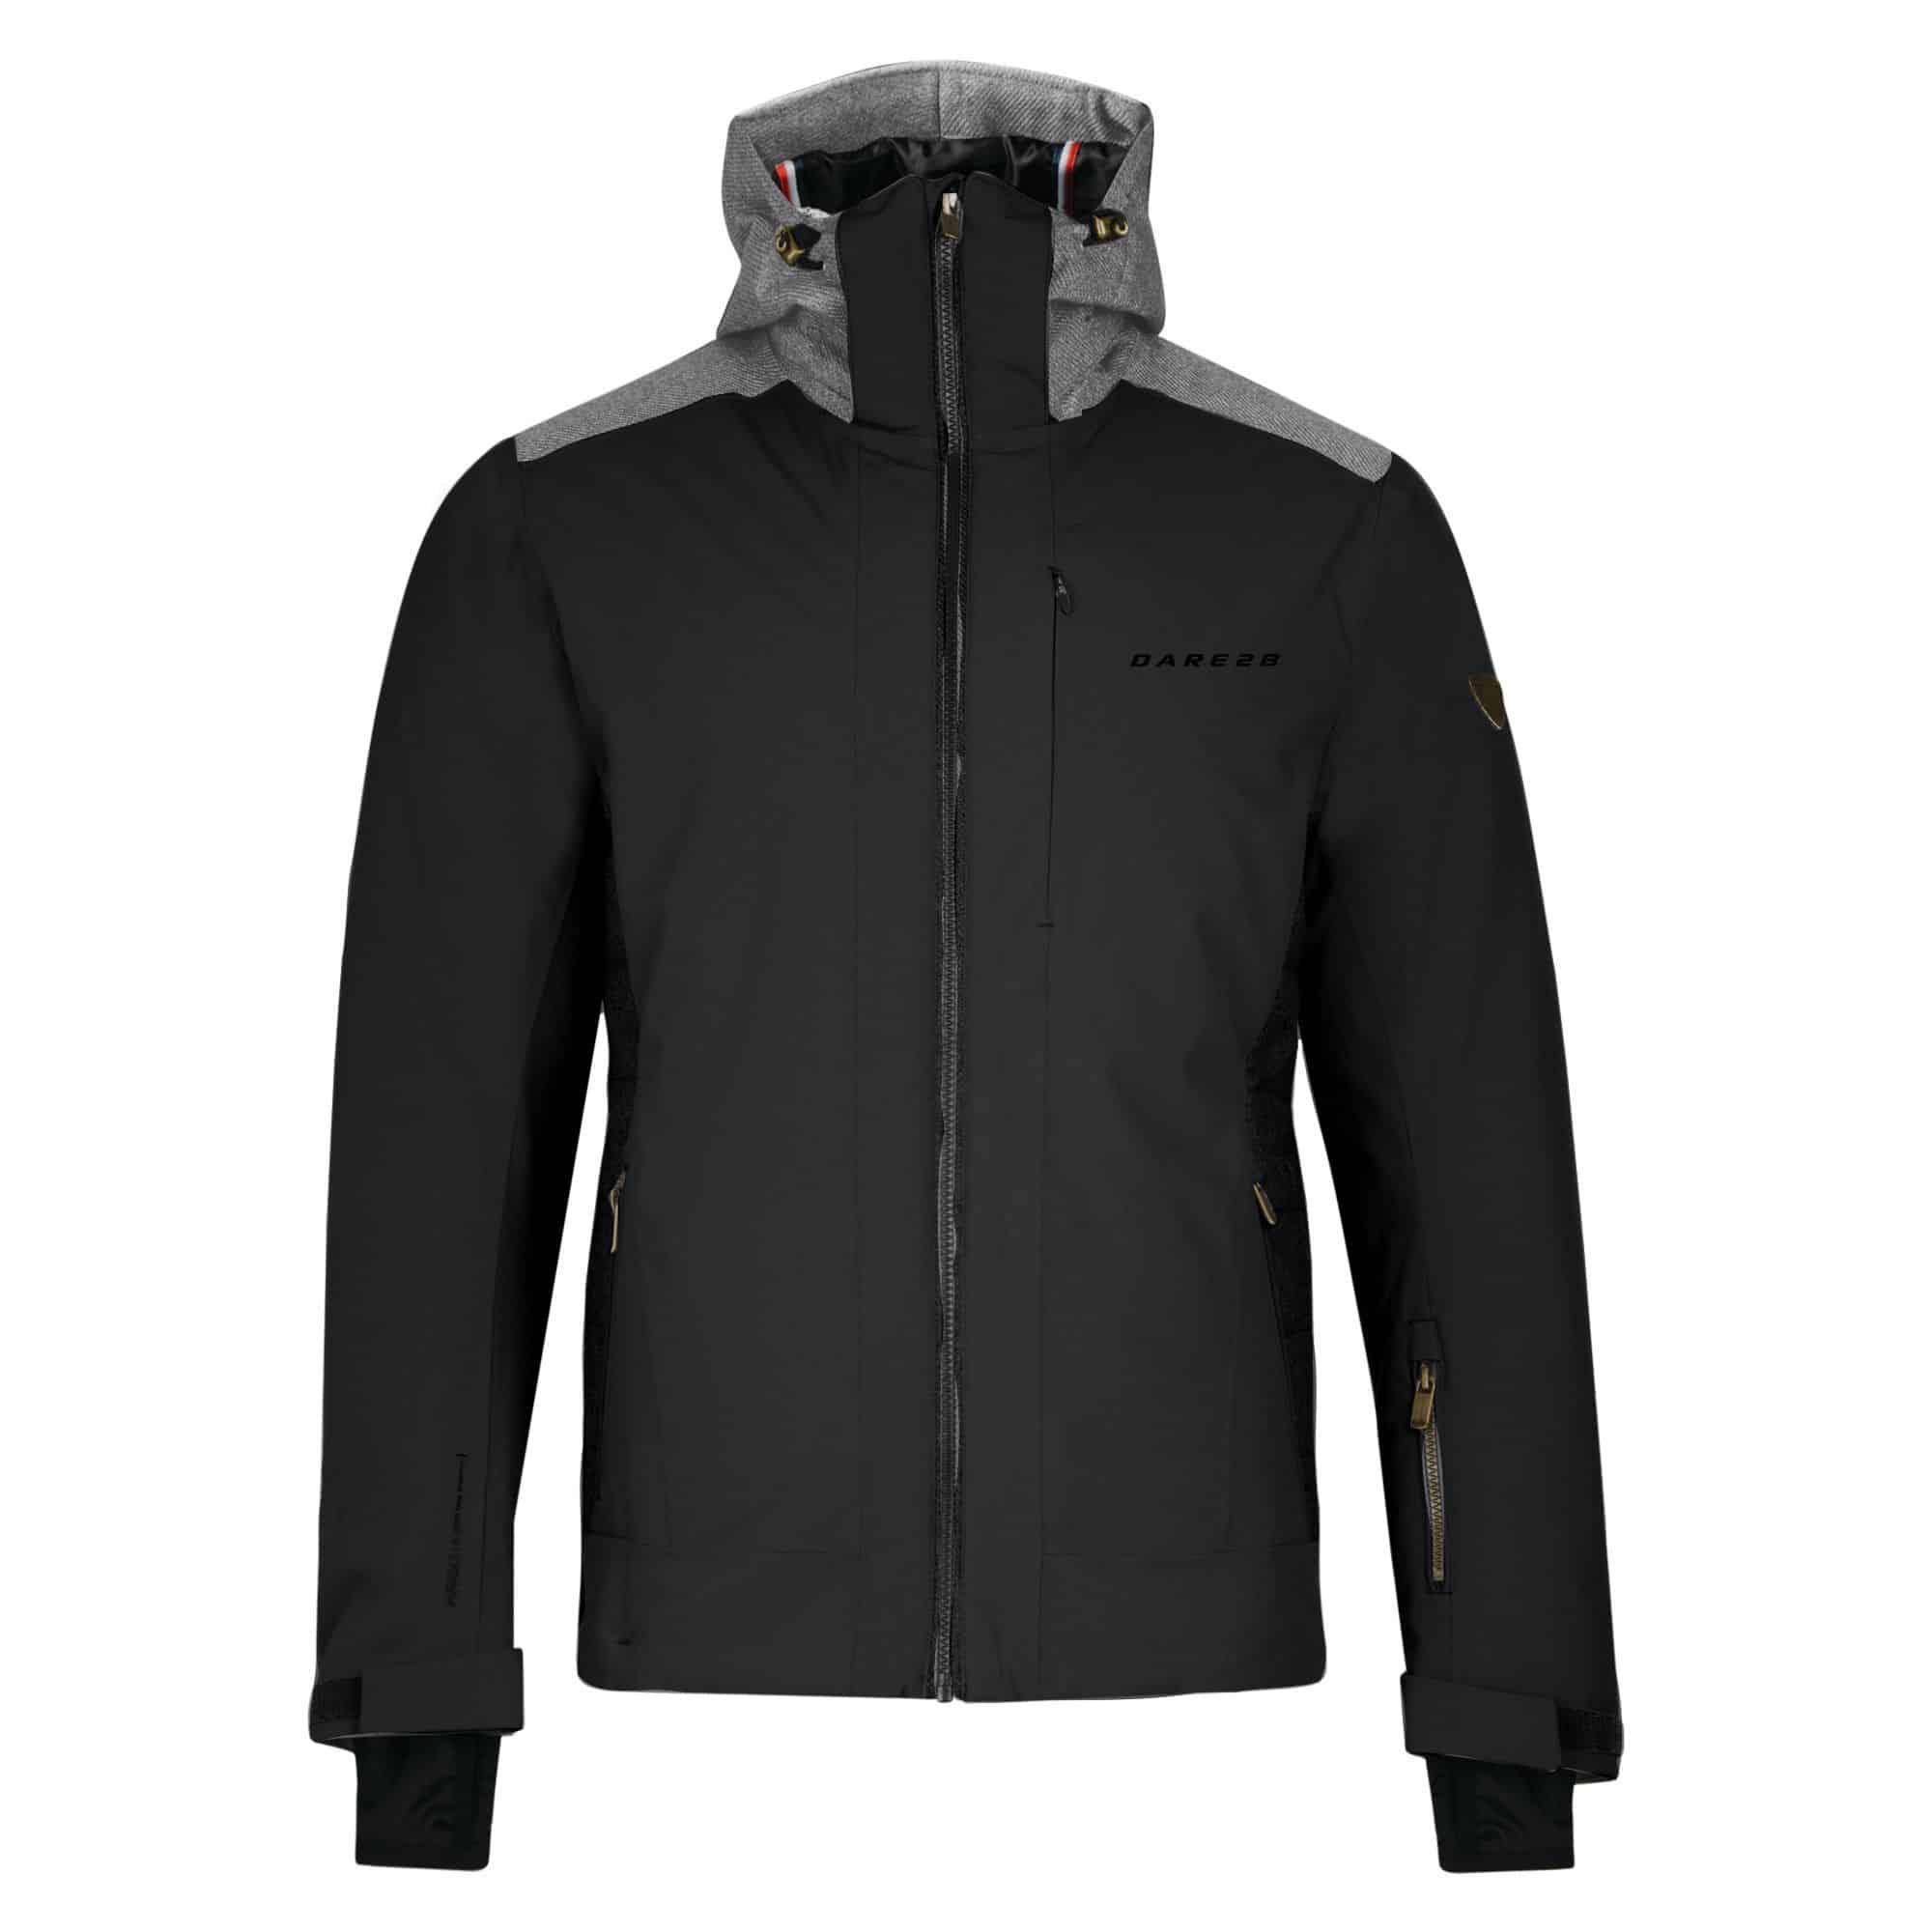 rendition 1718 jacket black front